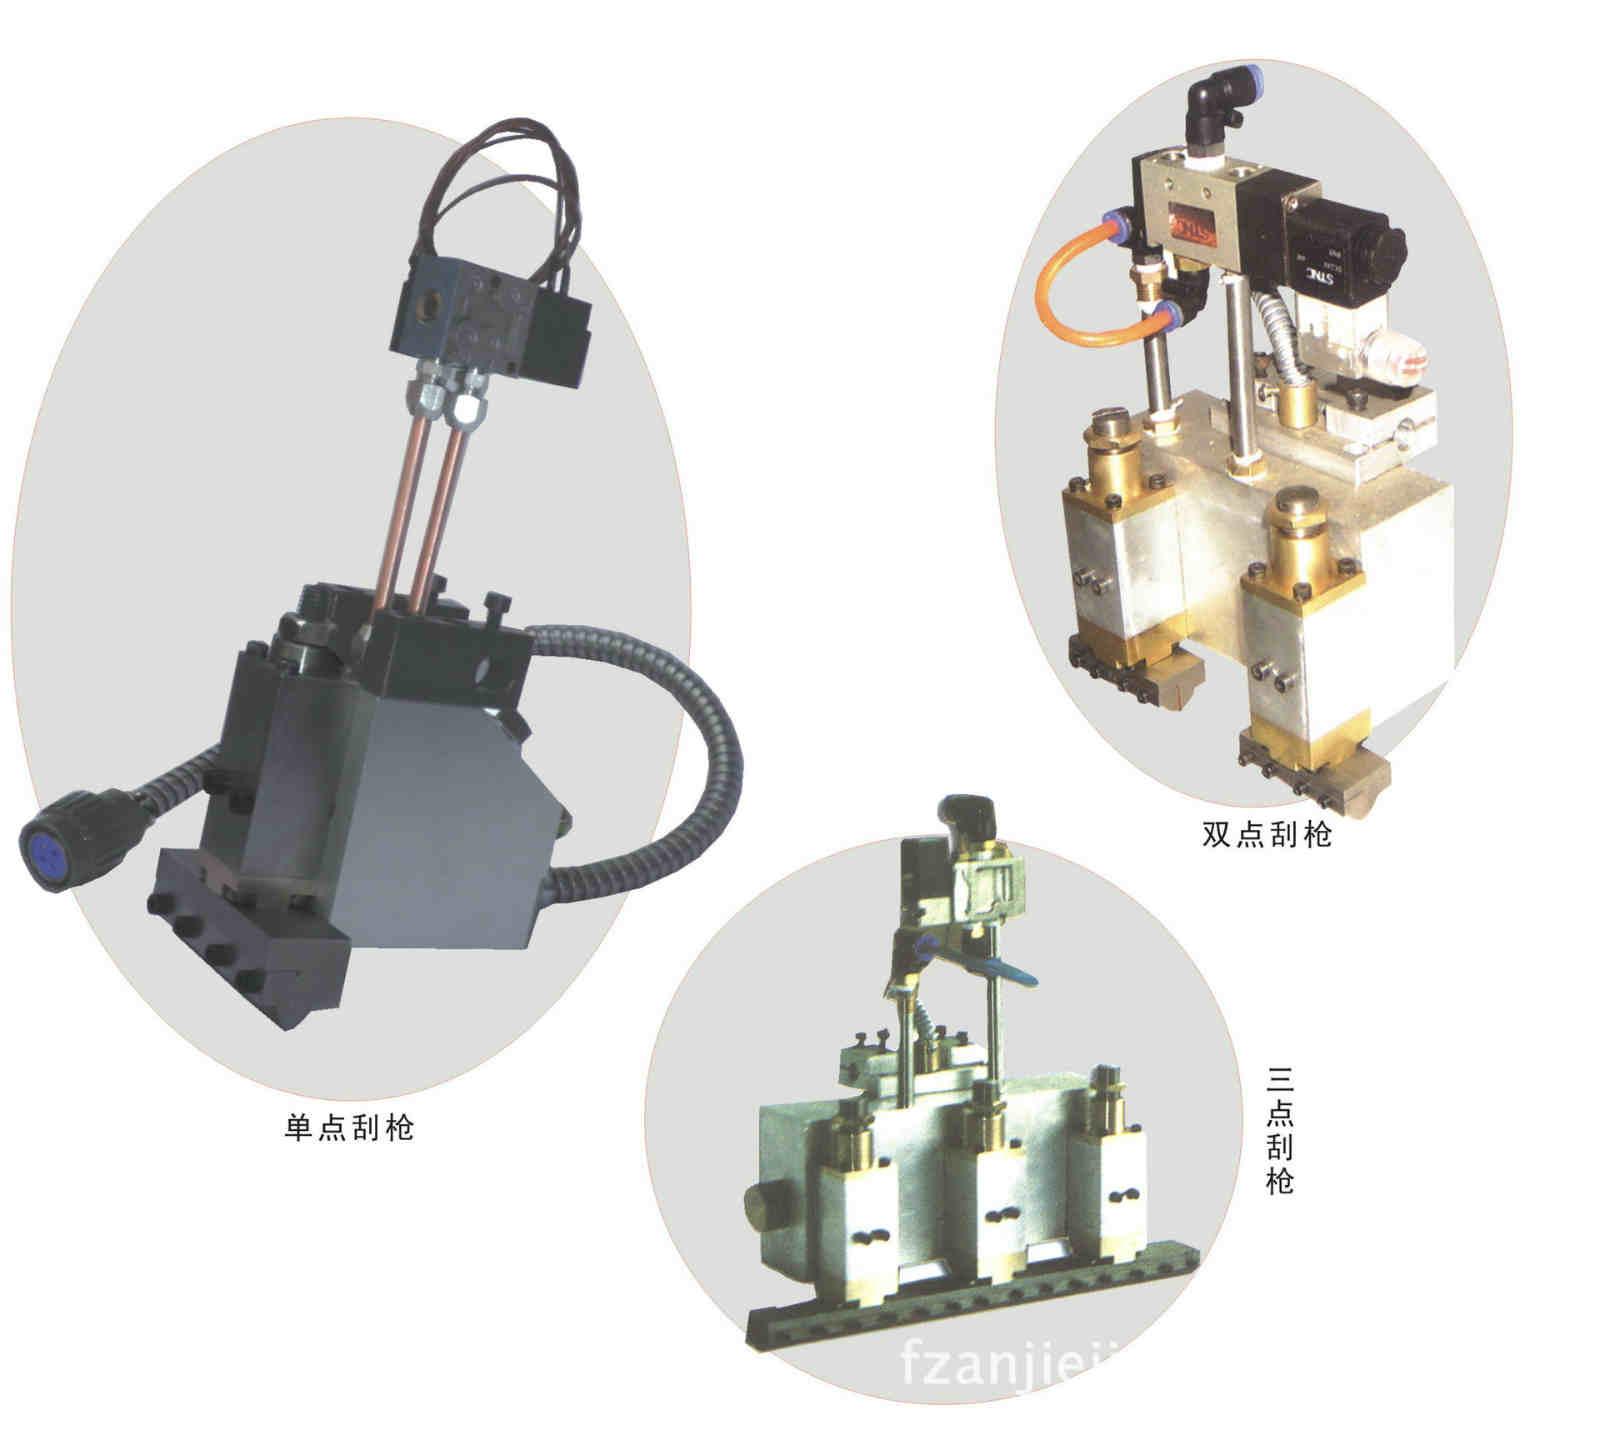 福州品牌好的热熔胶枪销售-山东热熔胶机定制